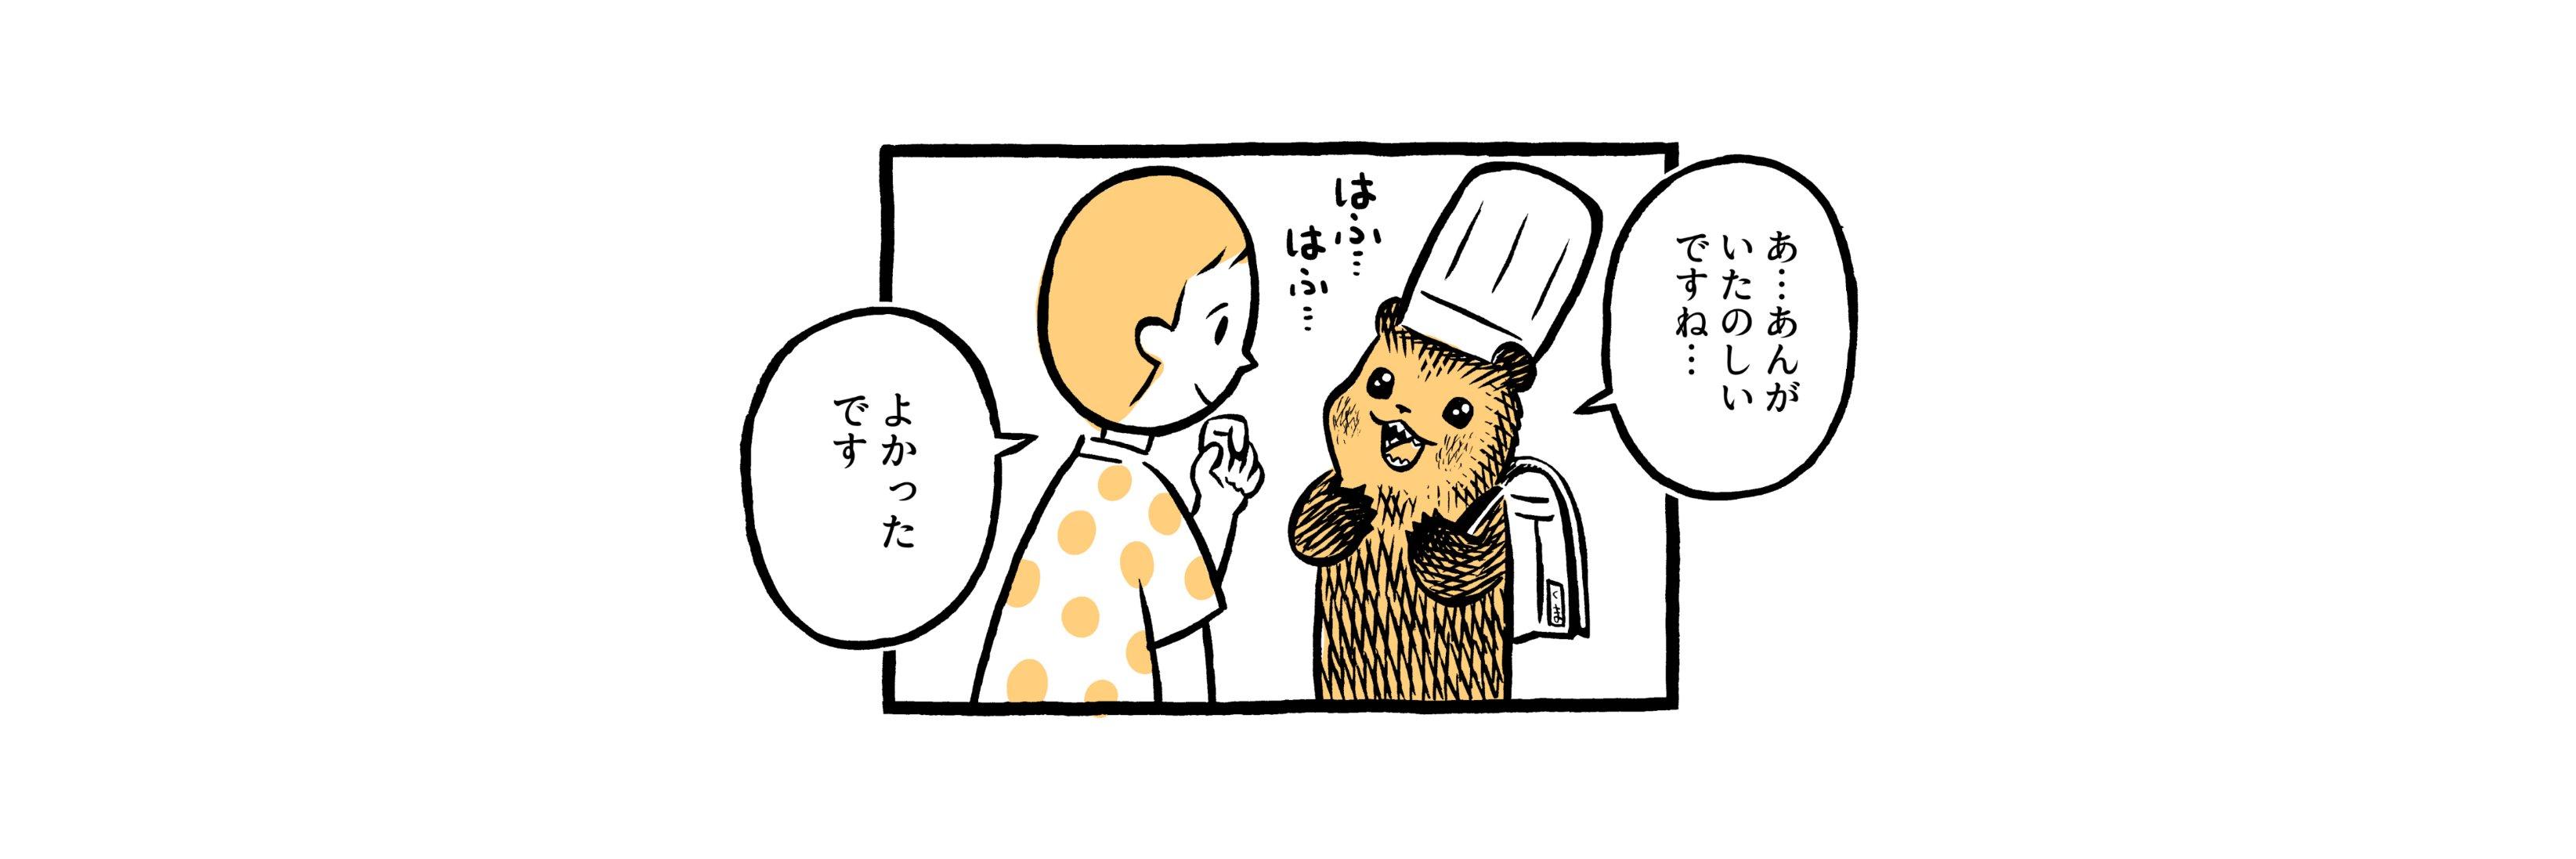 カメントツ@こぐま3巻発売中